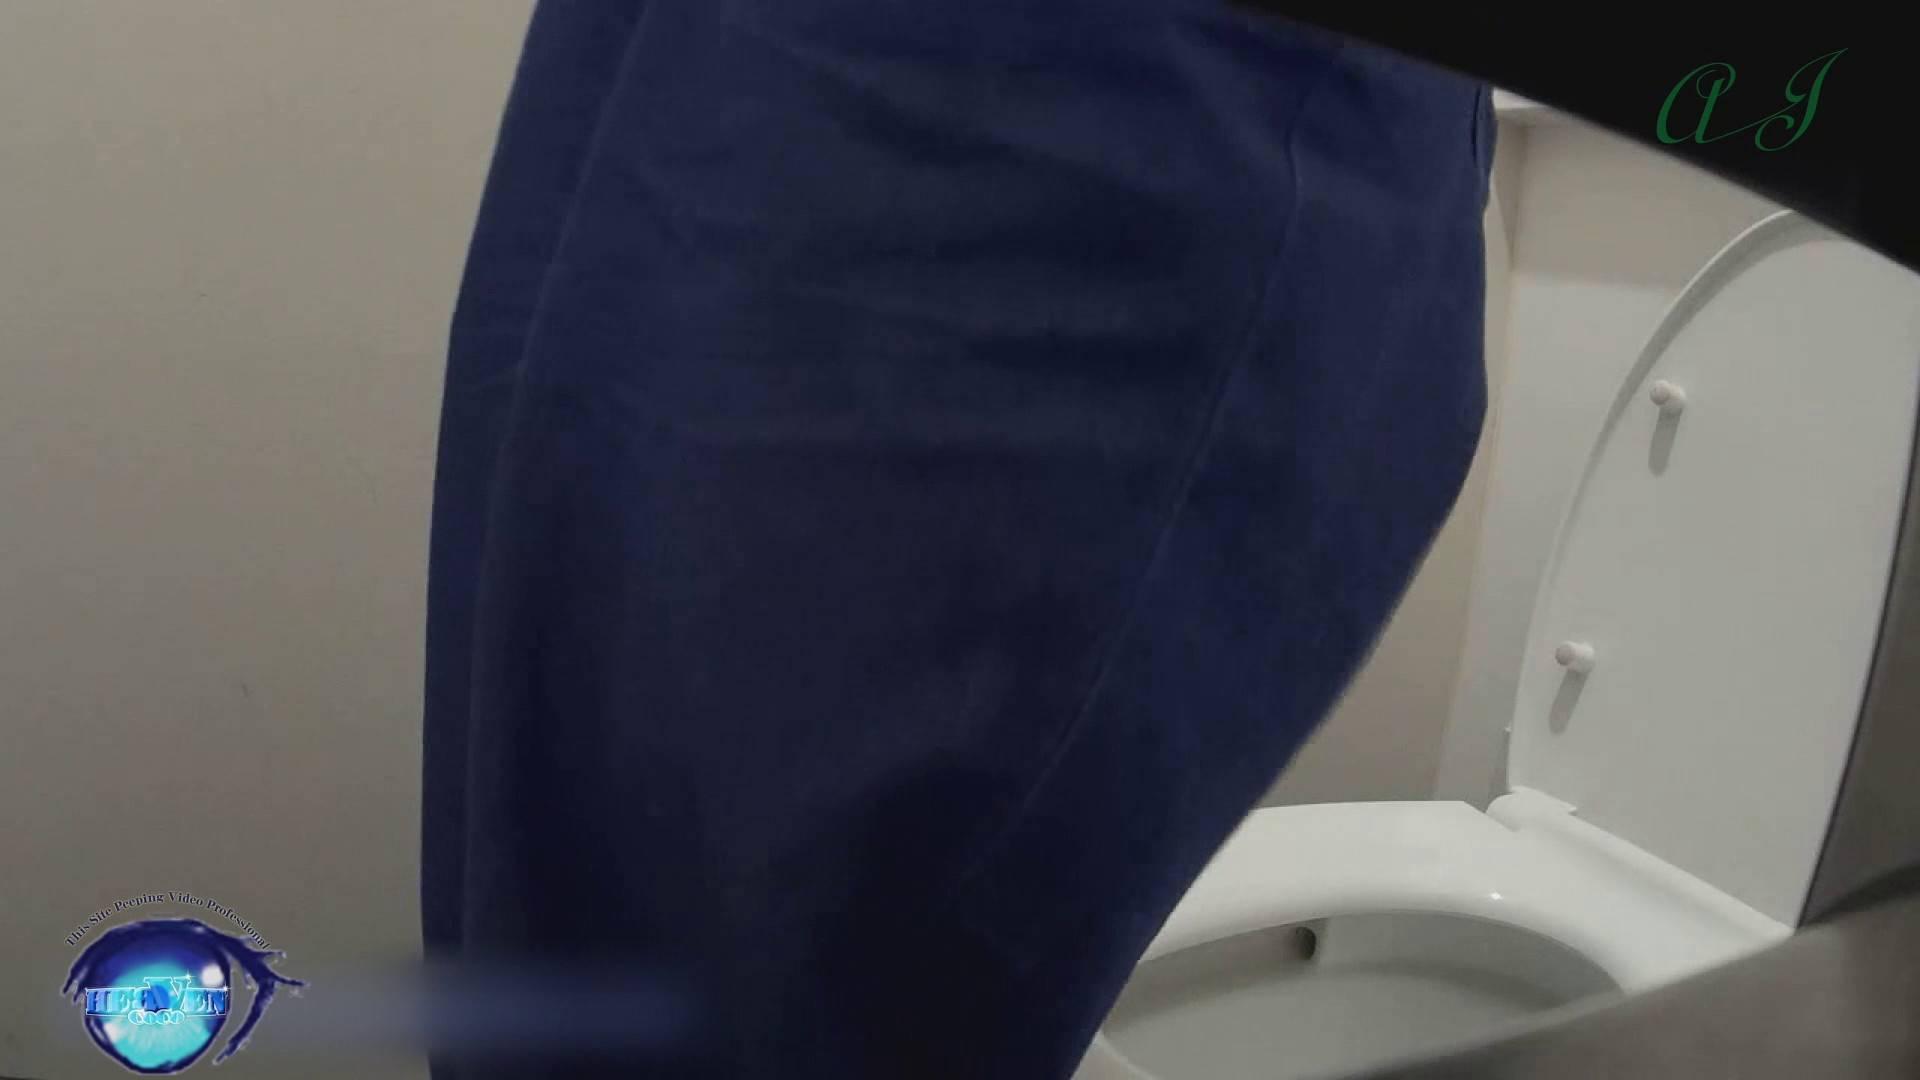 有名大学女性洗面所 vol.70爽やかなつぼみから出る汁は… 和式トイレ エロ画像 81pic 79